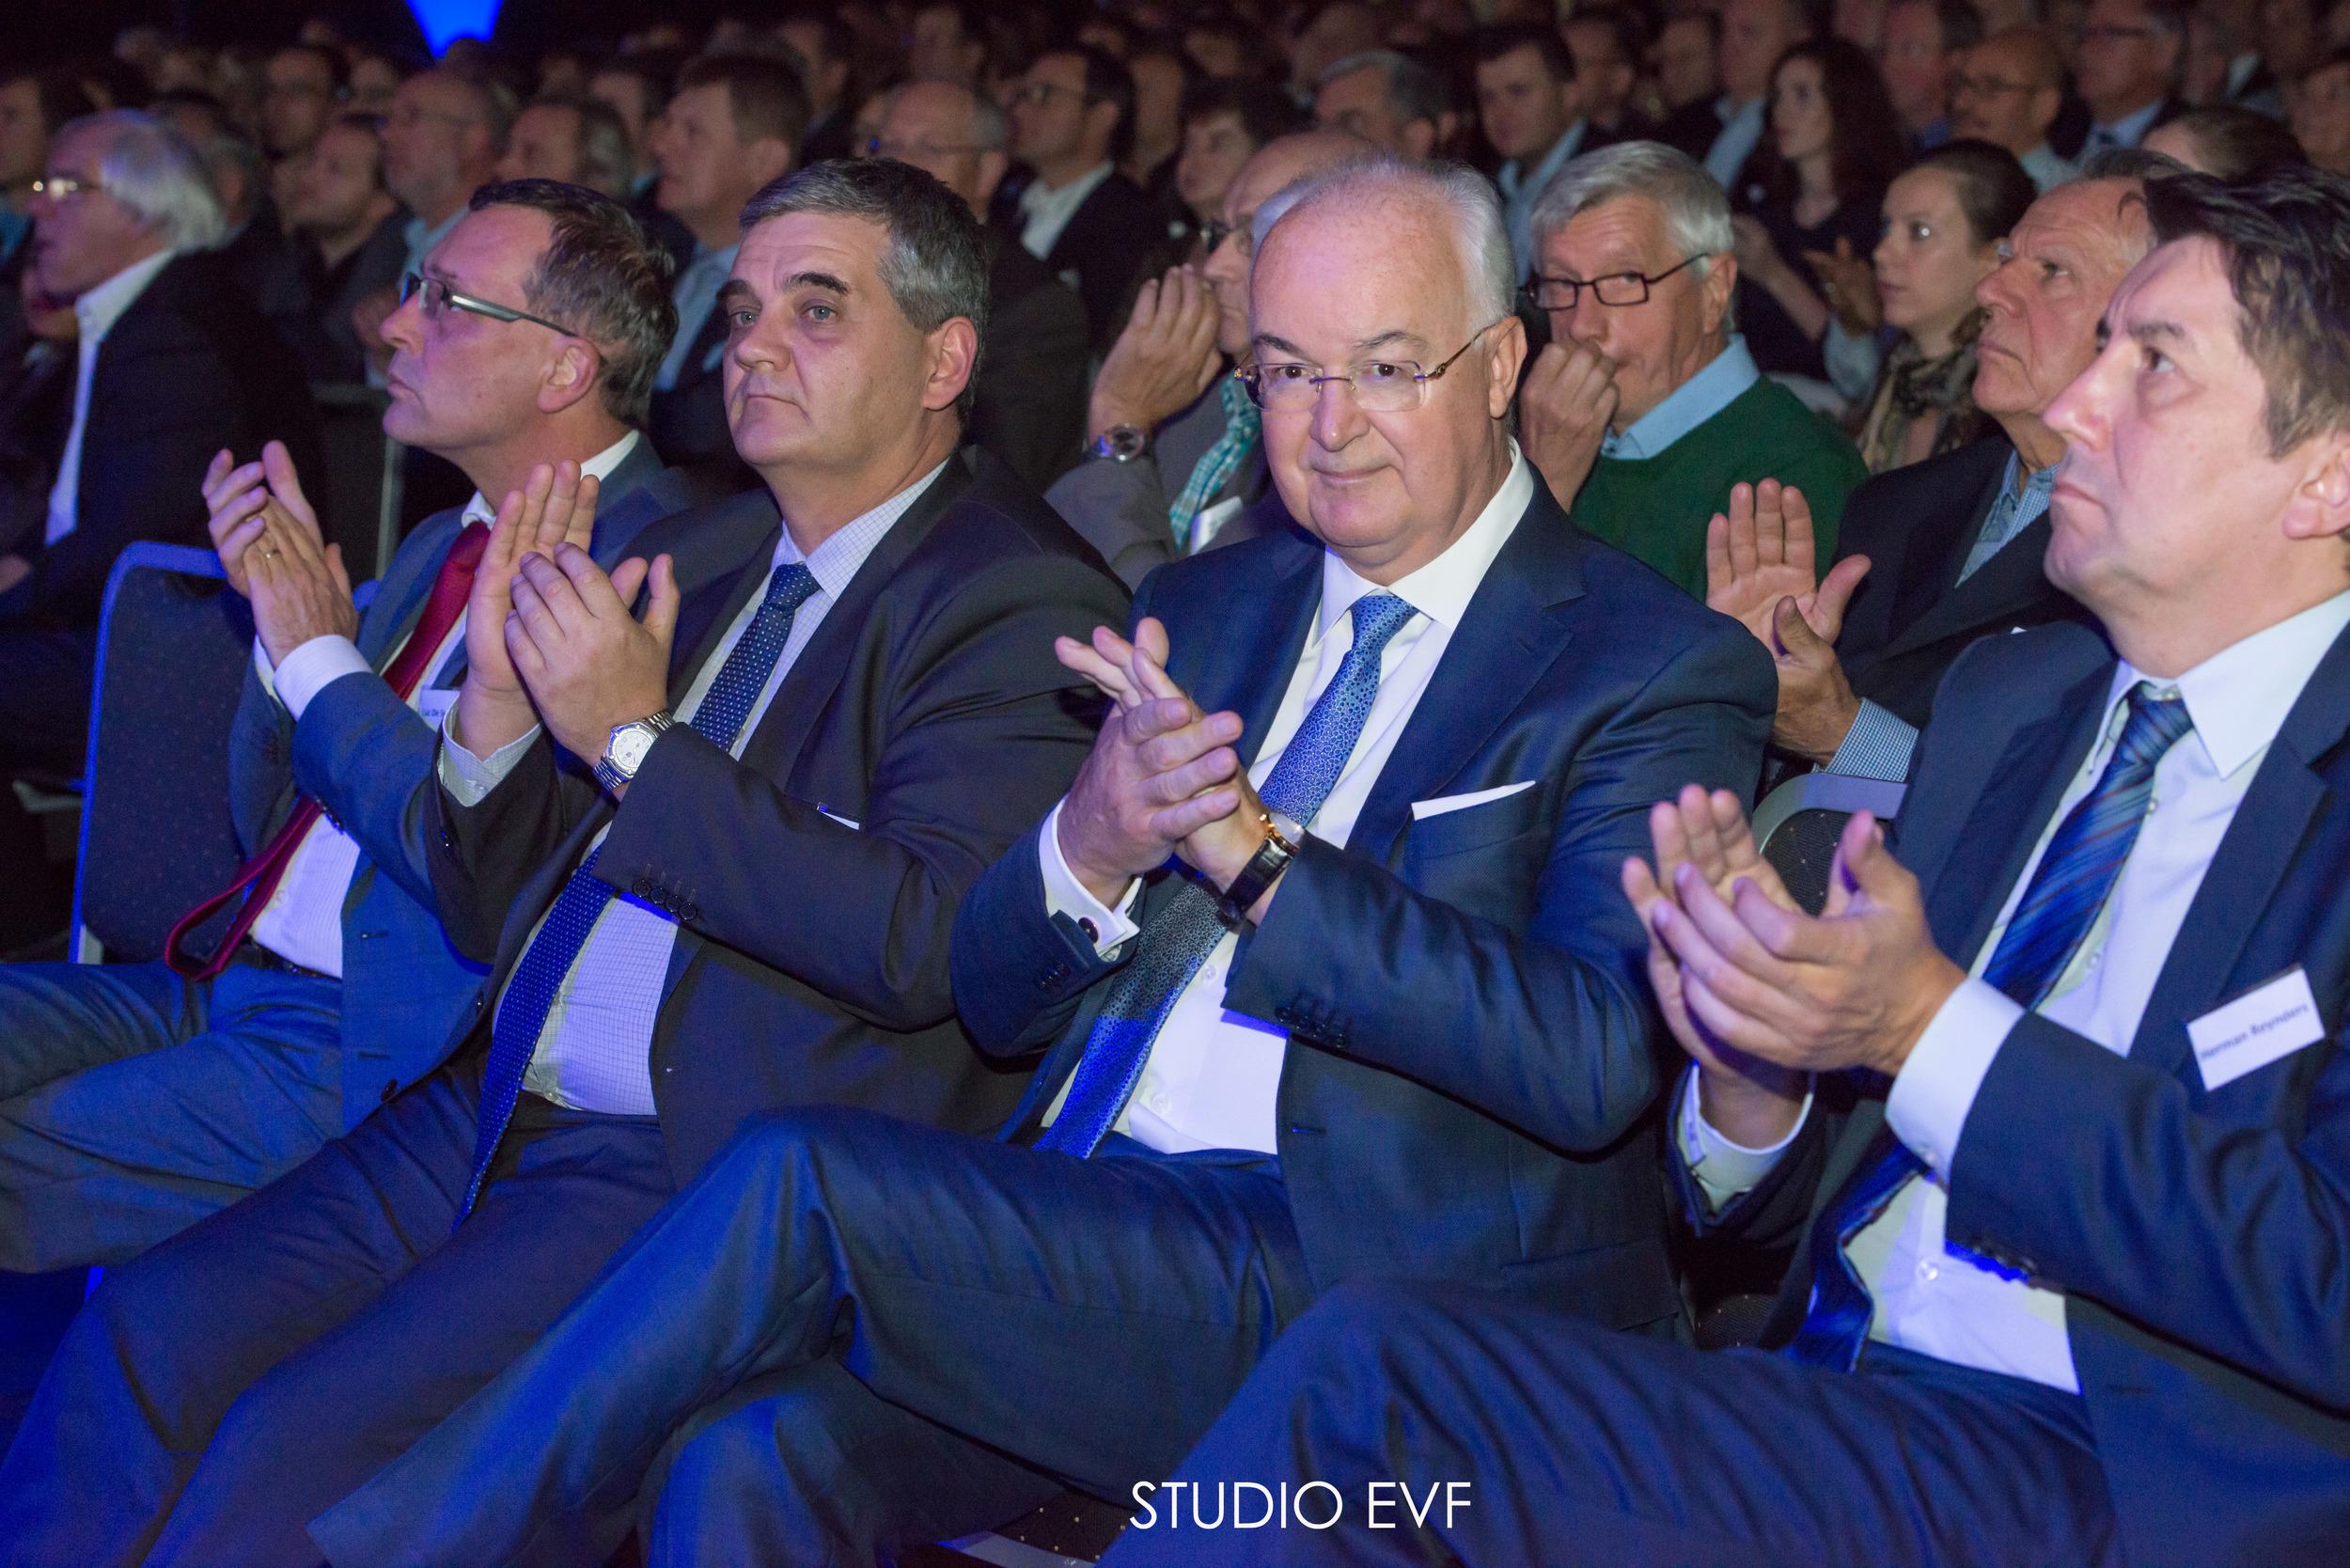 Els-Verbakel-Fotografie-evenementen-11.jpg